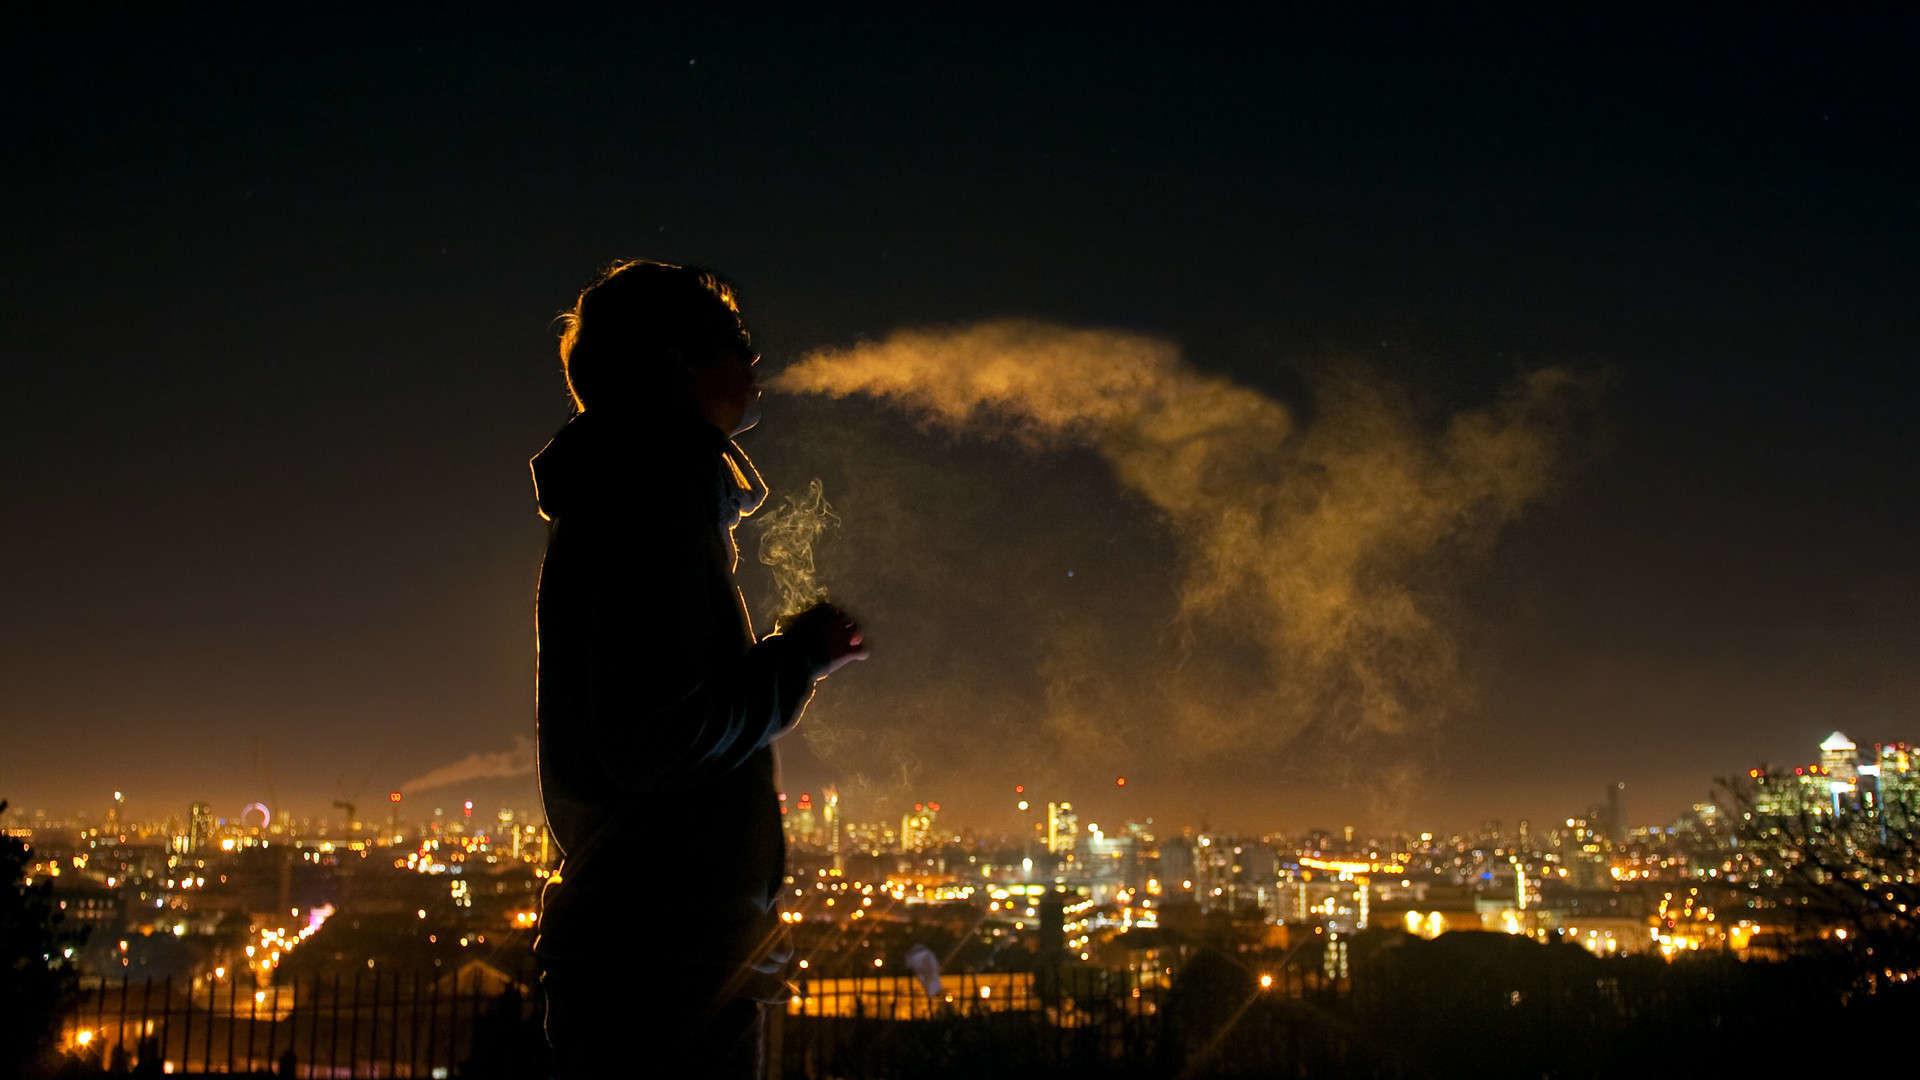 Hình ảnh trai buồn hút thuốc